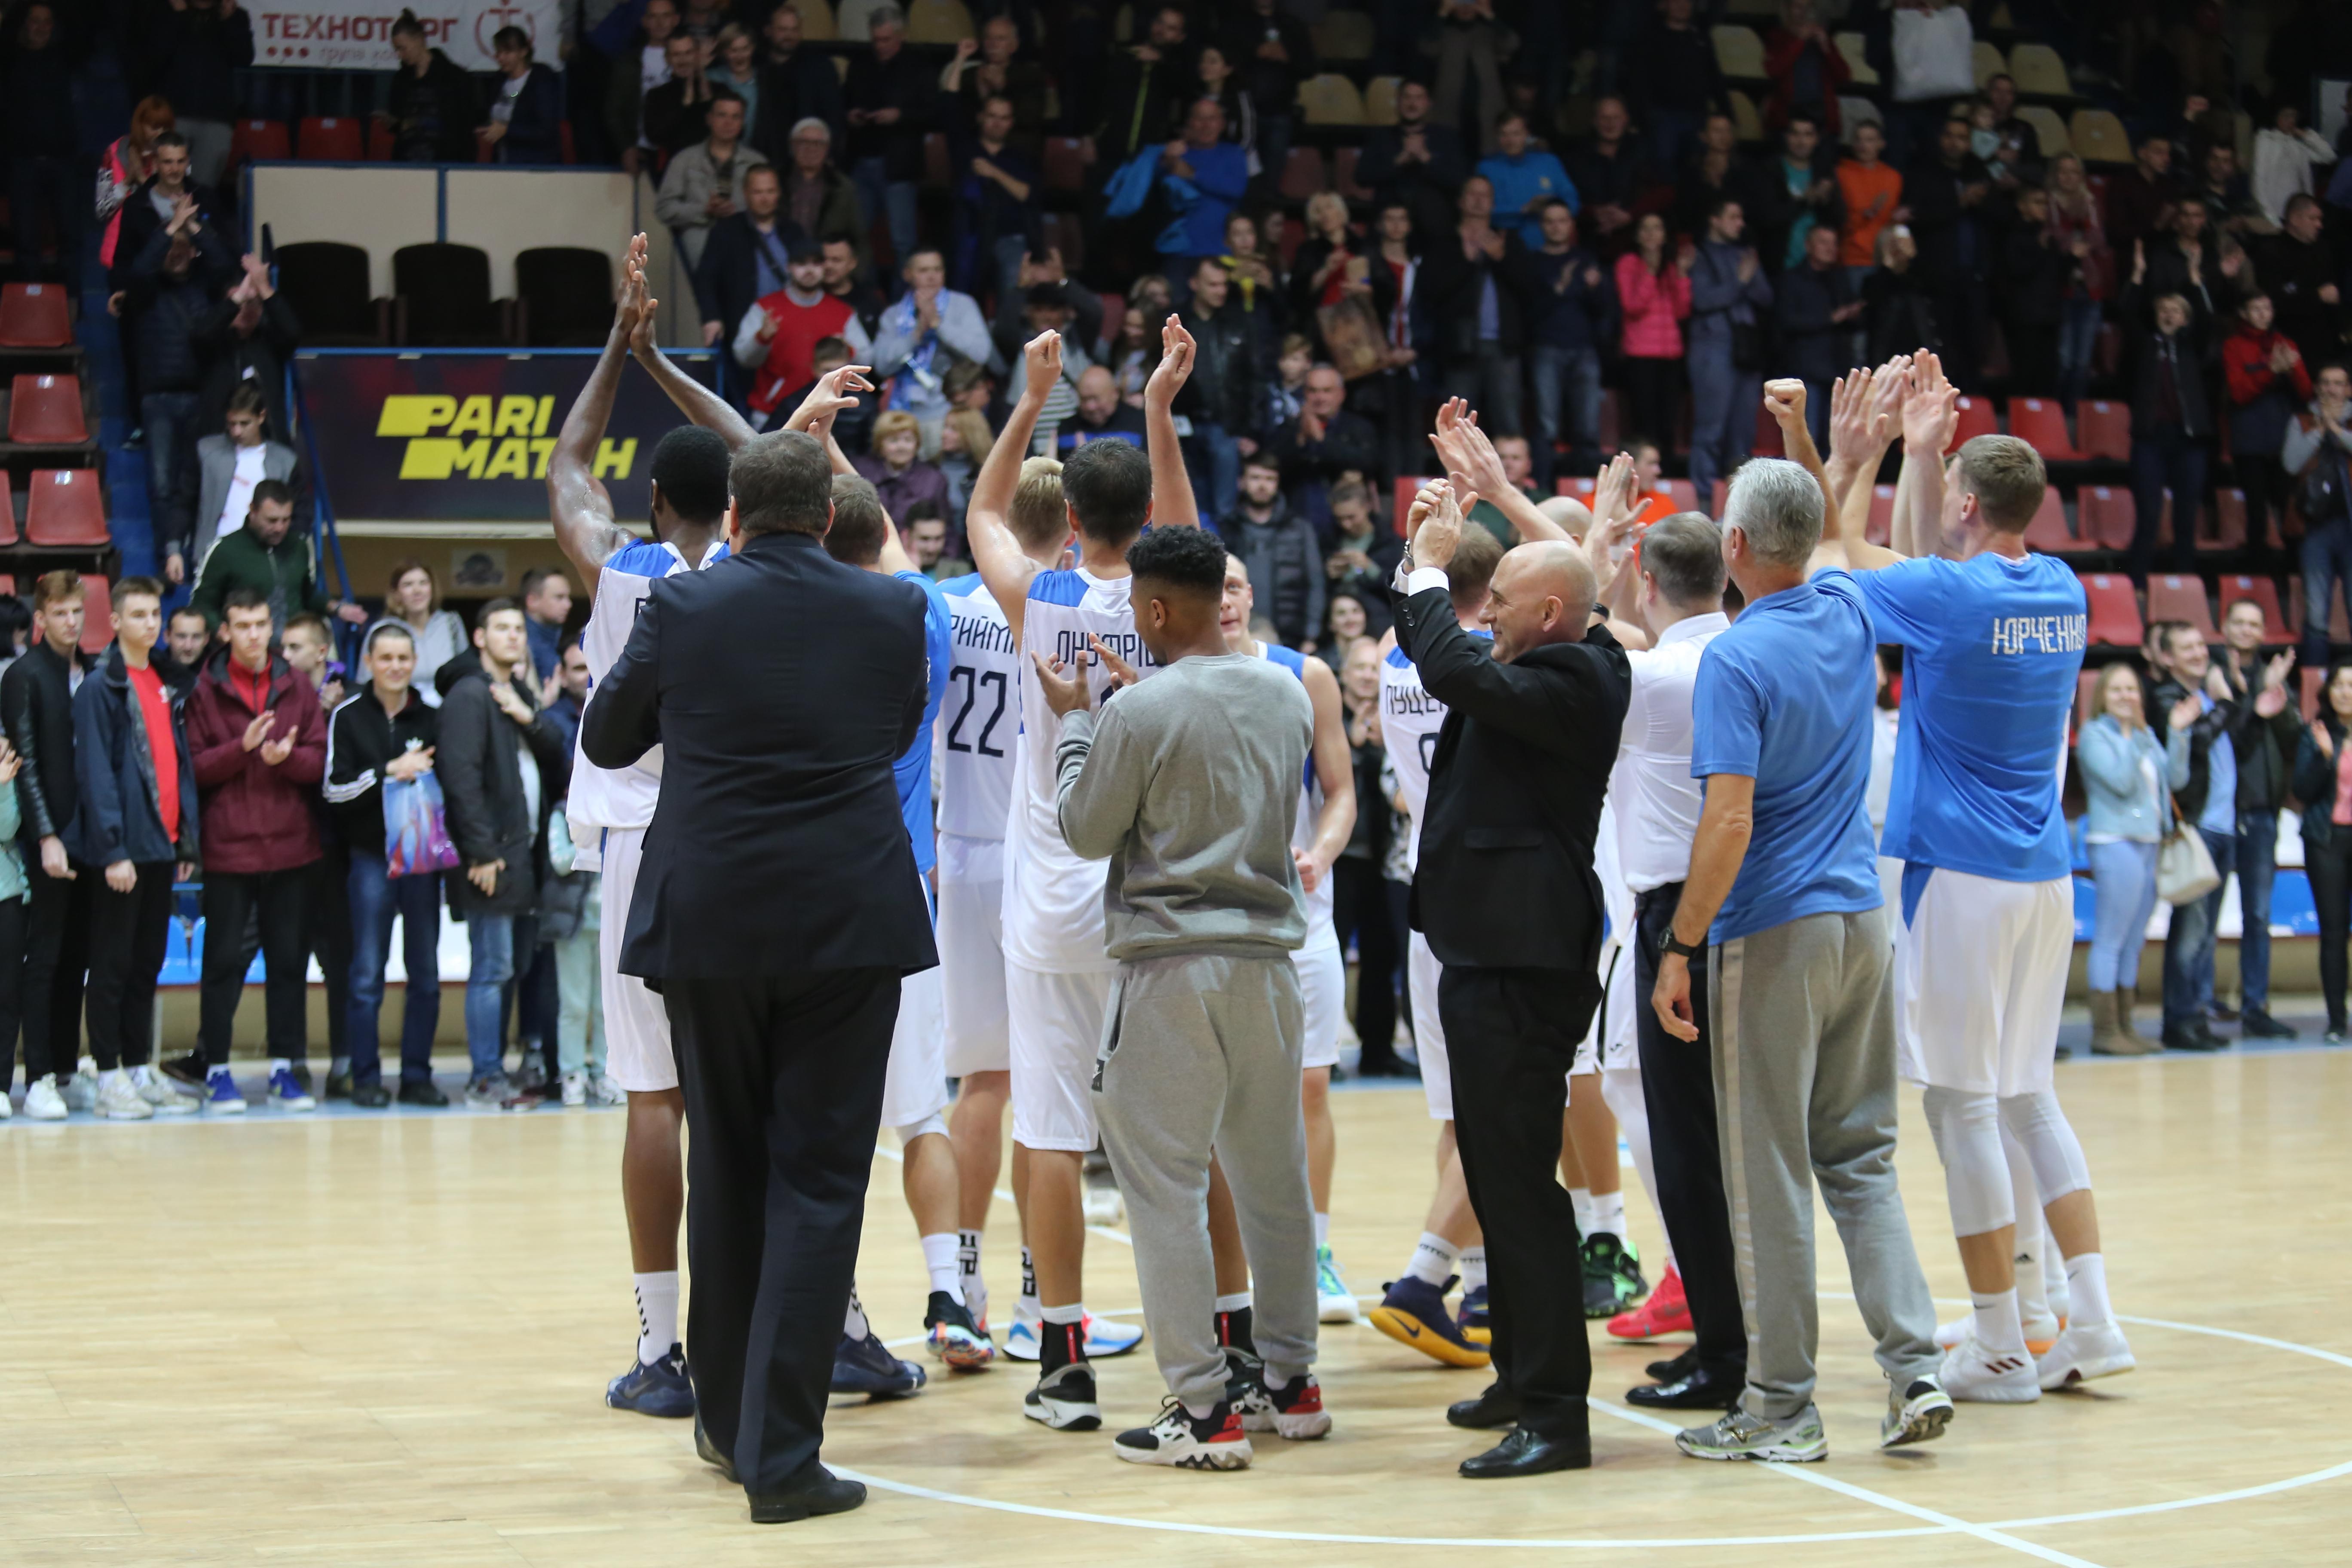 Миколаїв вдома переміг Київ-Баскет: відео коментарів після гри